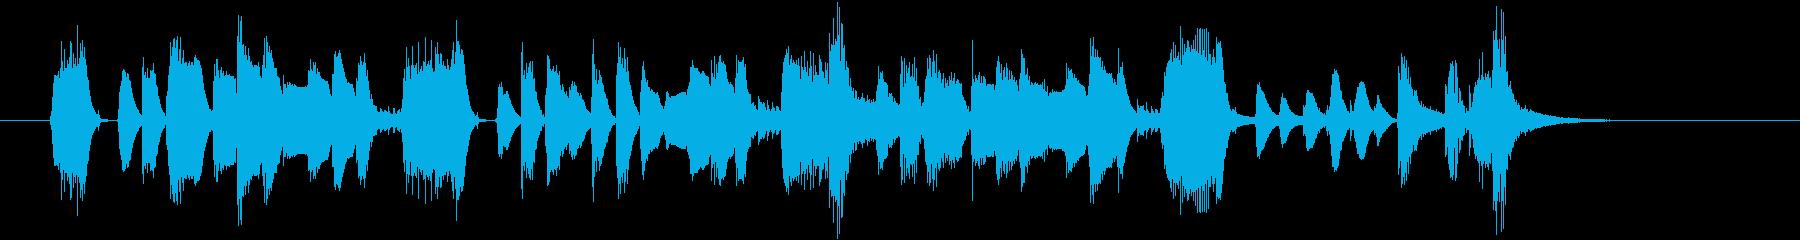 ワンちゃんネコちゃん集合♪の再生済みの波形